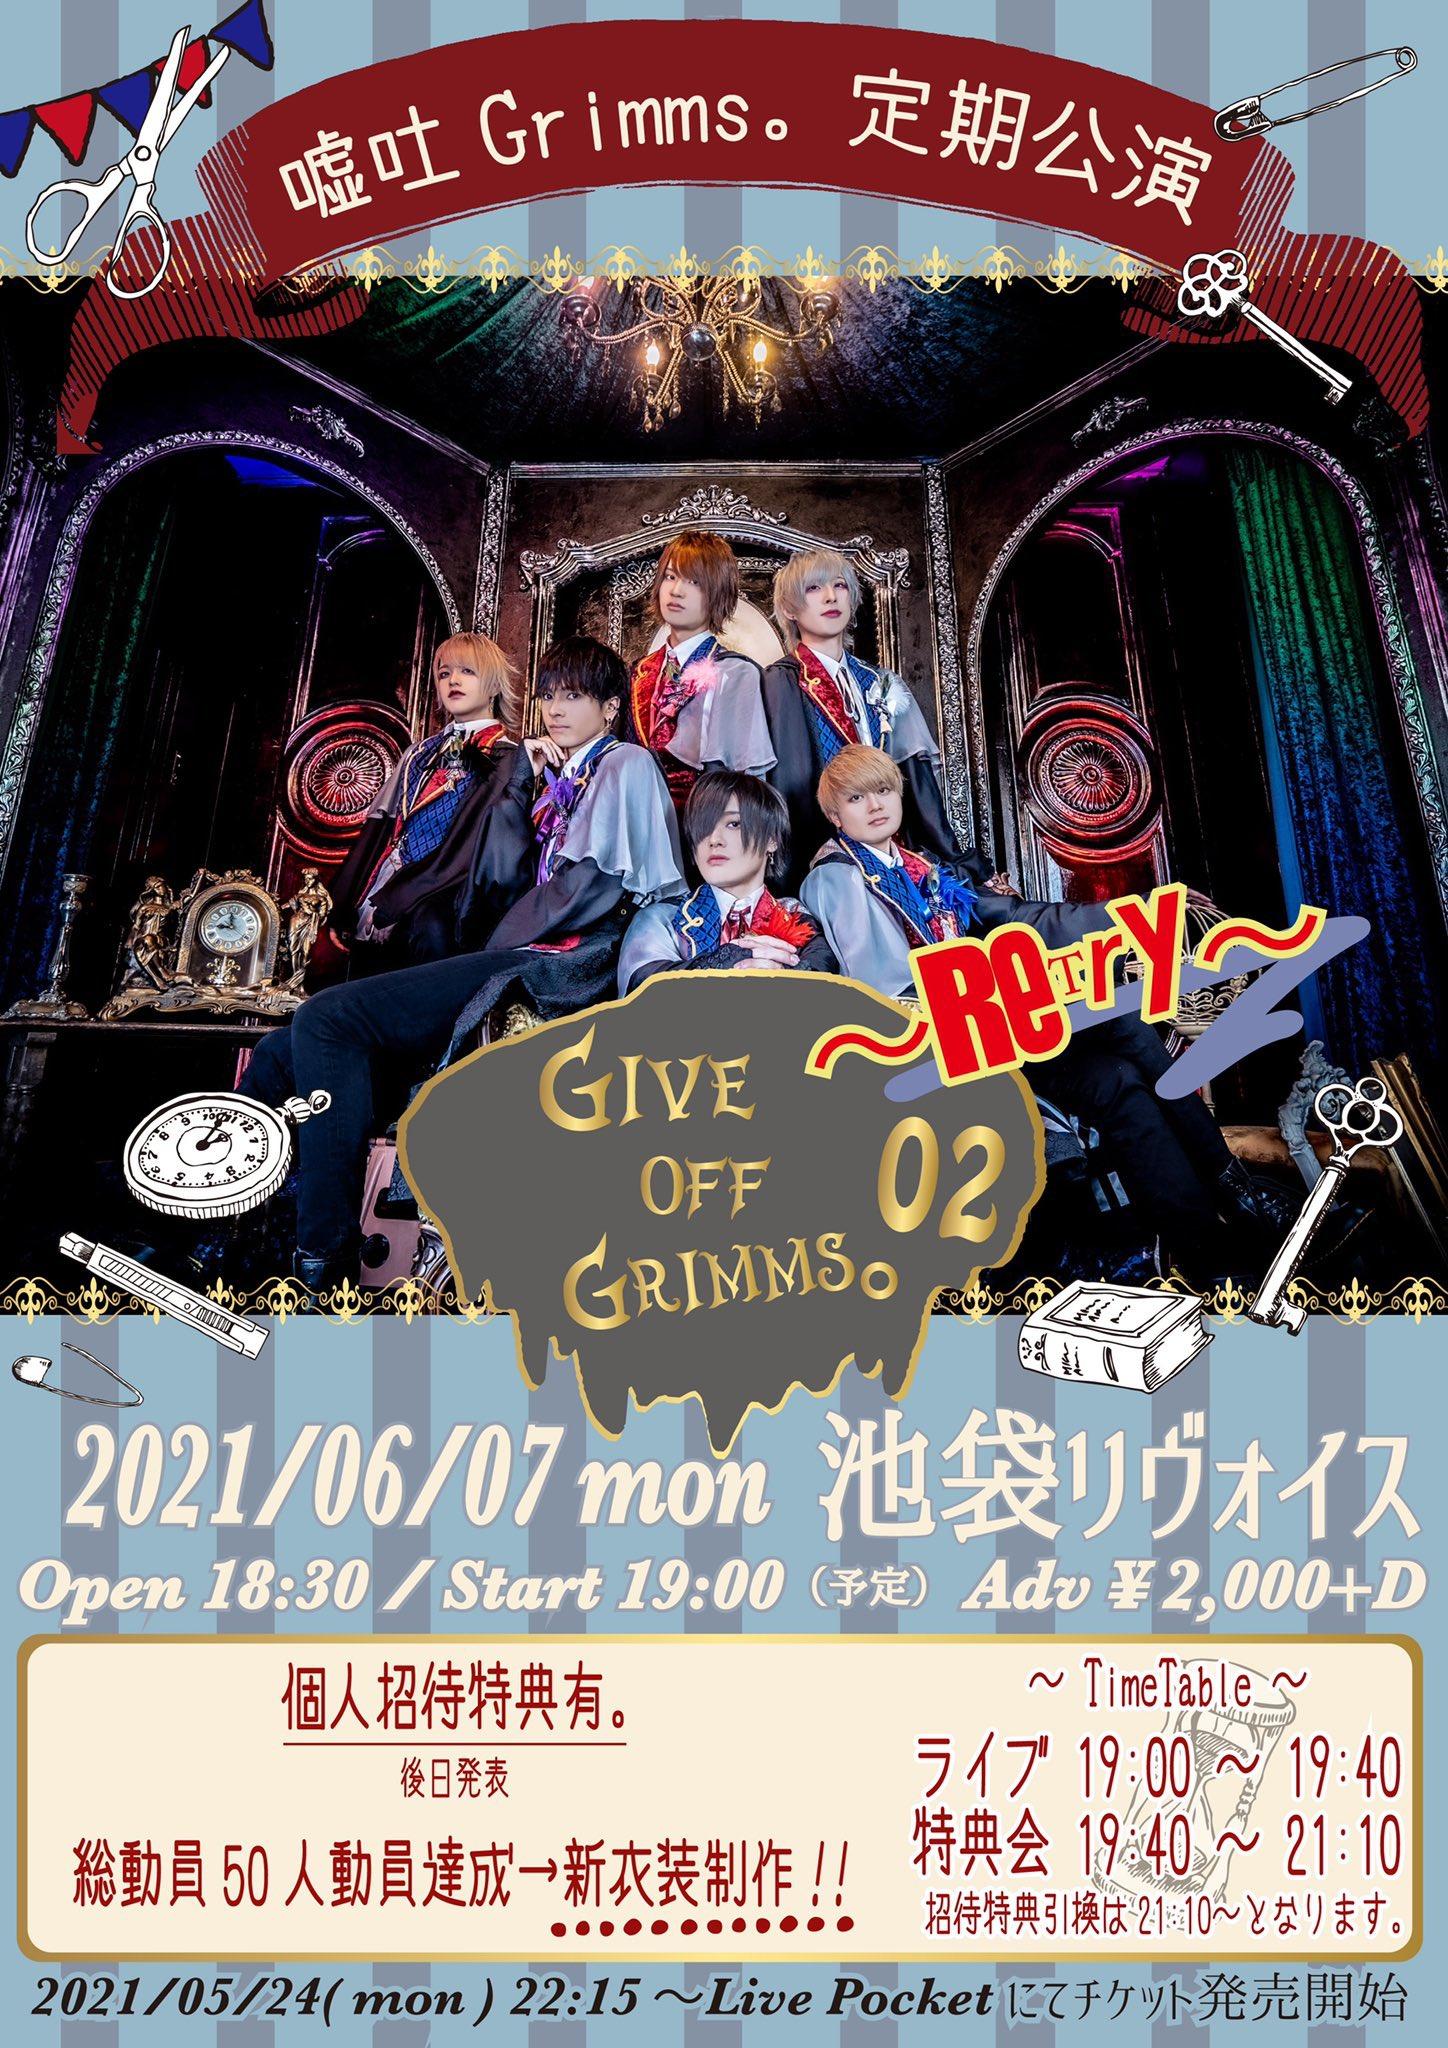 嘘吐Grimms。定期公演『Give off Grimms。02~Retry~』